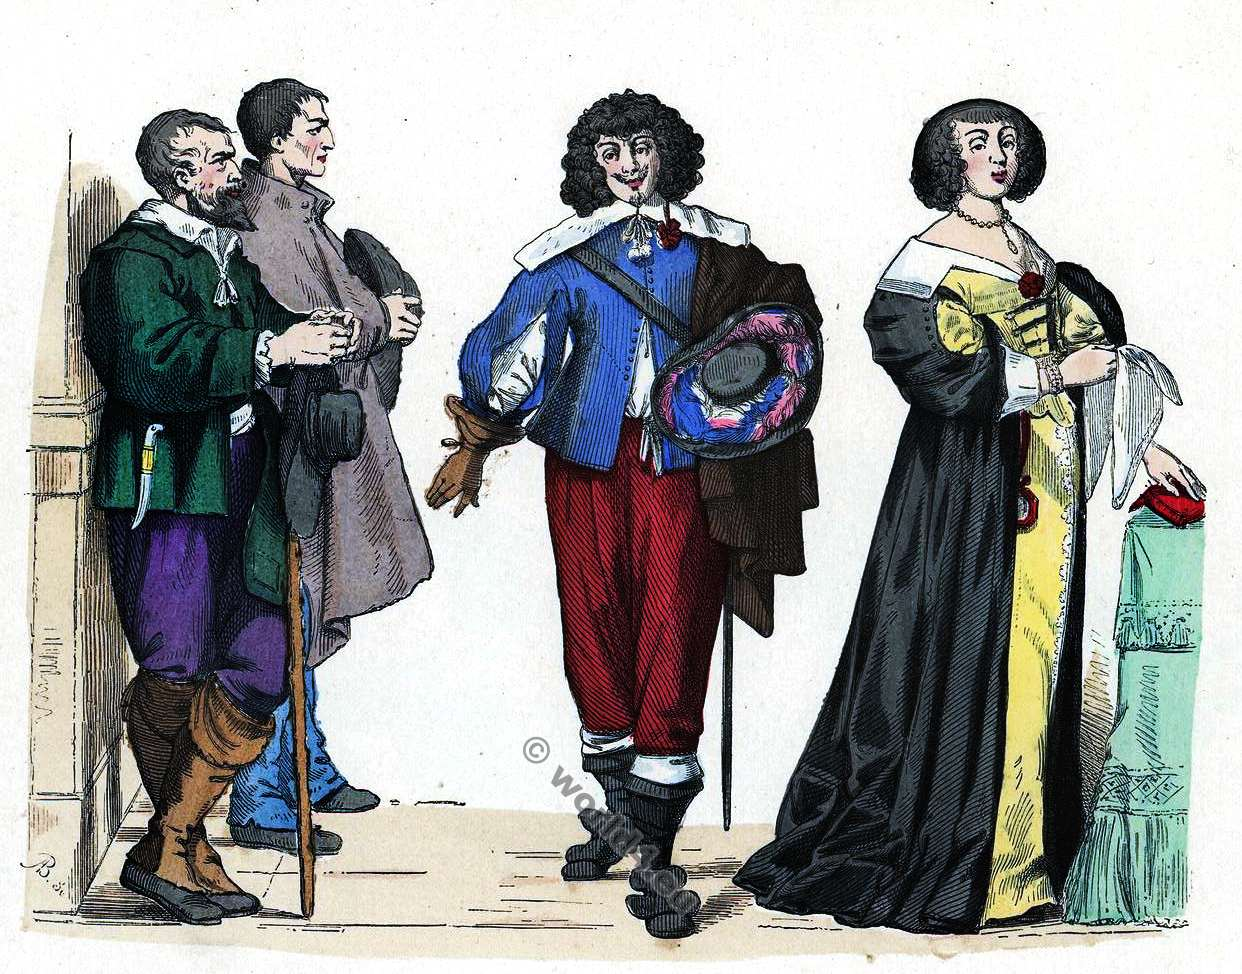 Dame, Grande, Tenue,. Gentilhomme, Paysans, 16ème siècle, costumes, baroque